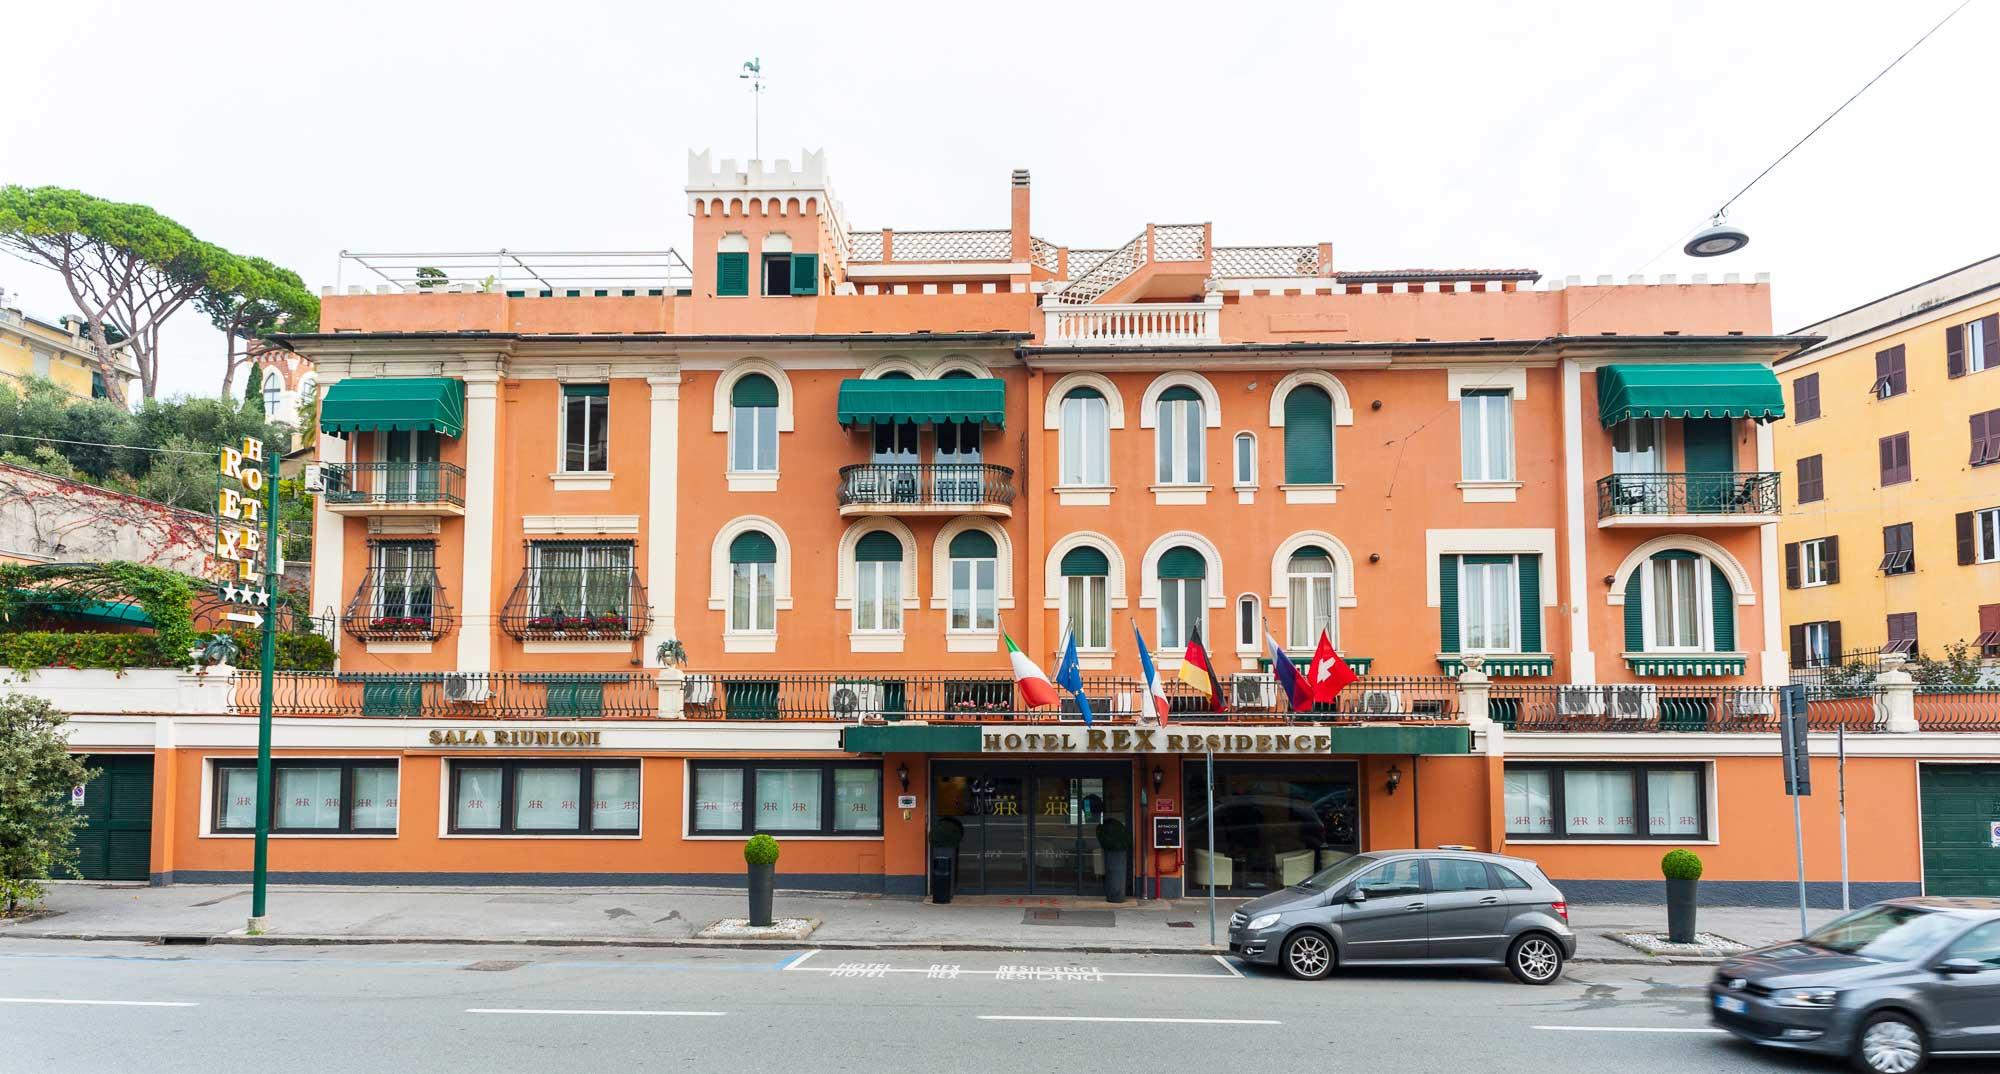 Rex Hotel, servizio fotografico, fotografo professionista genova